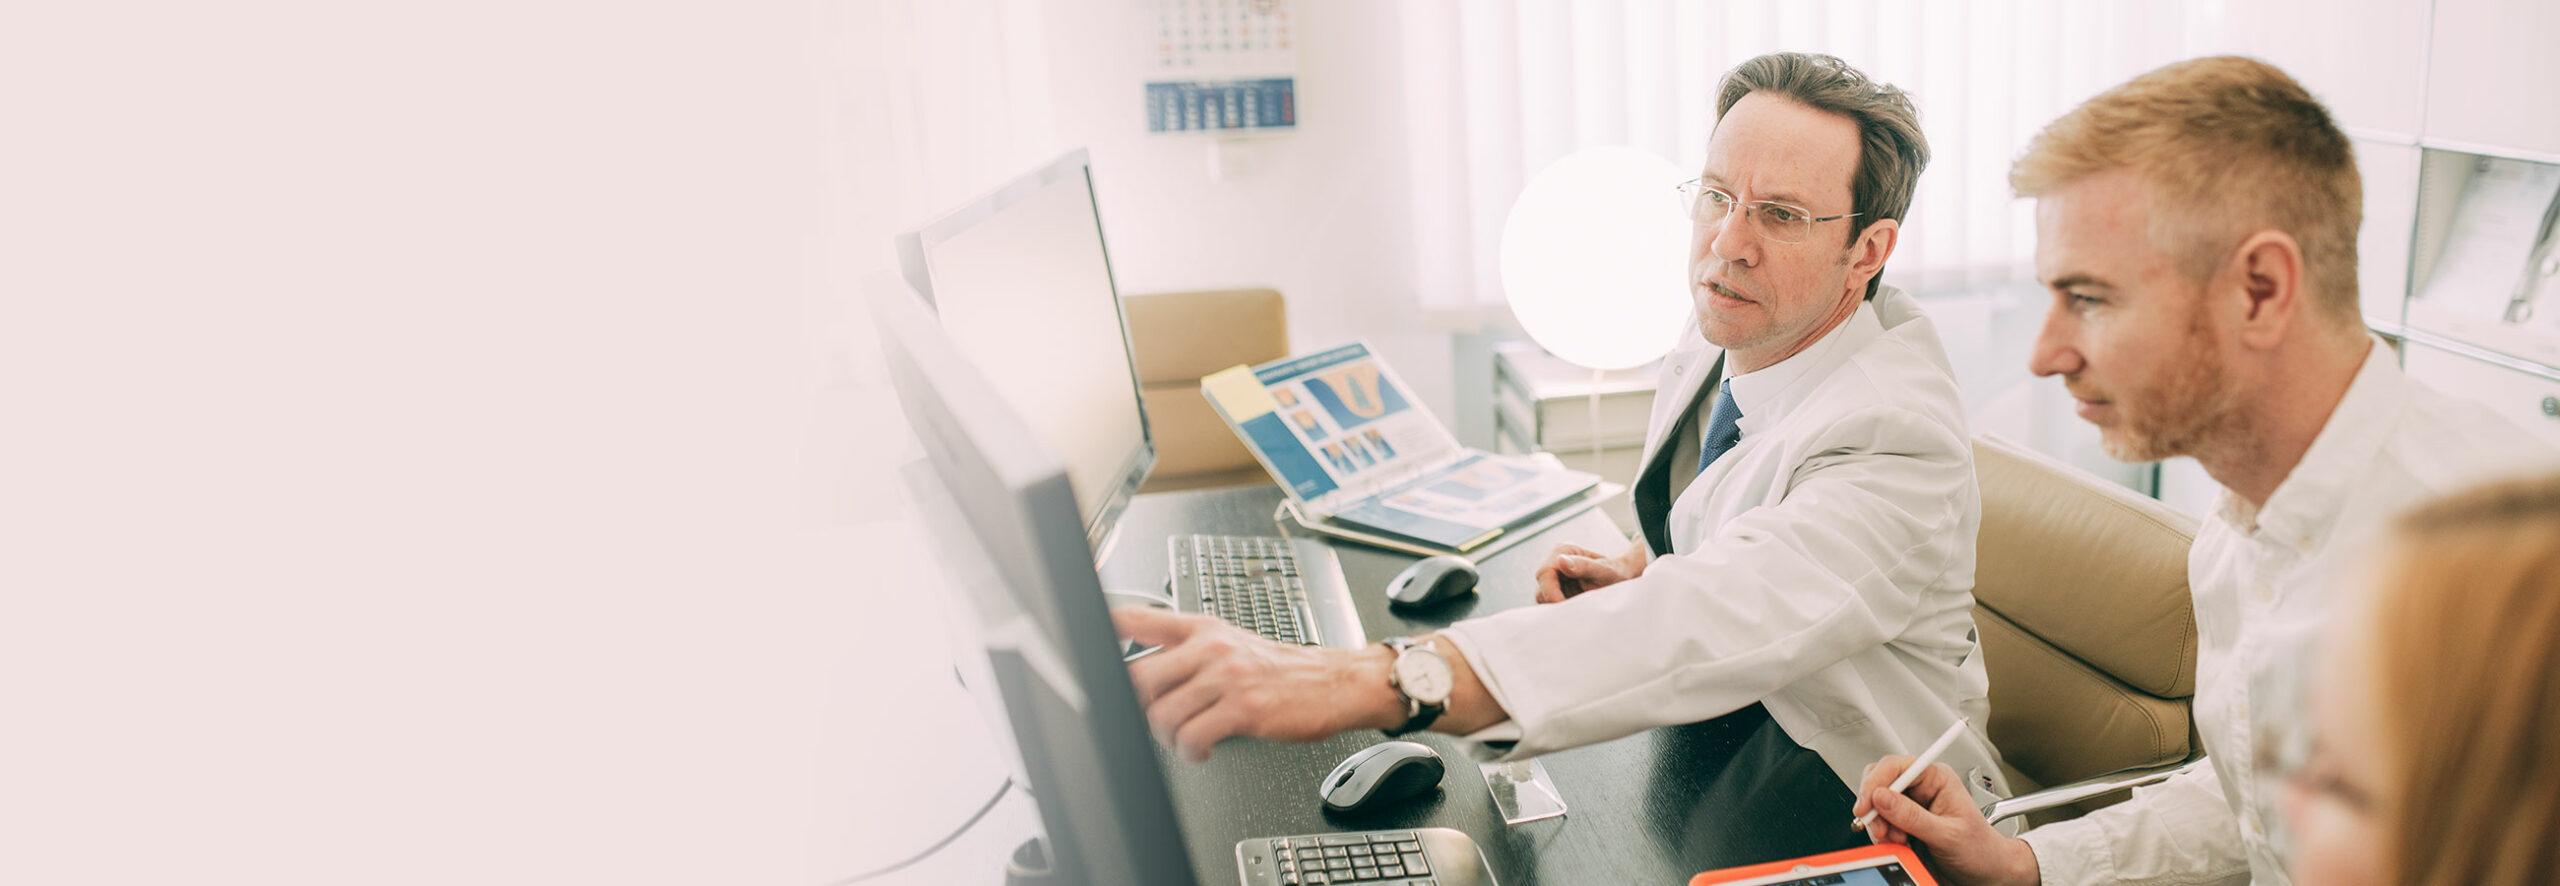 Dr. Kurth ist Zahnarzt für Chirurgie in Berlin-Spandau.